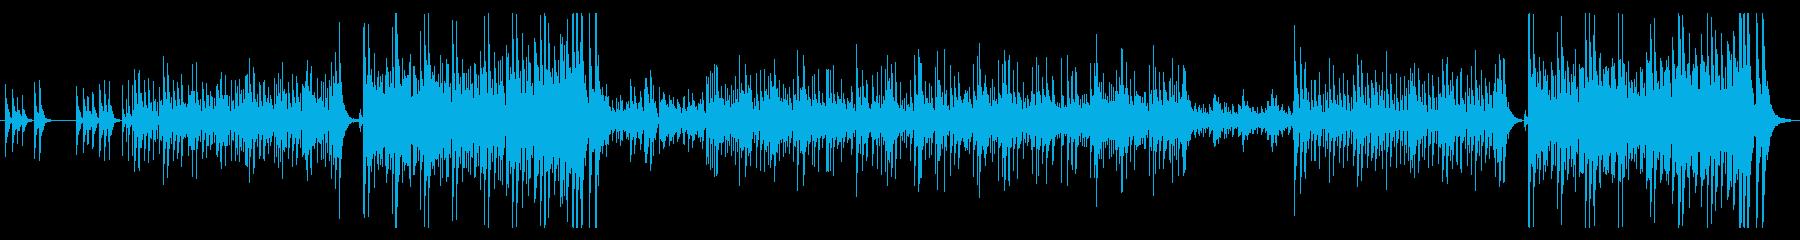 躍動感ある伝統の和太鼓アンサンブルの再生済みの波形